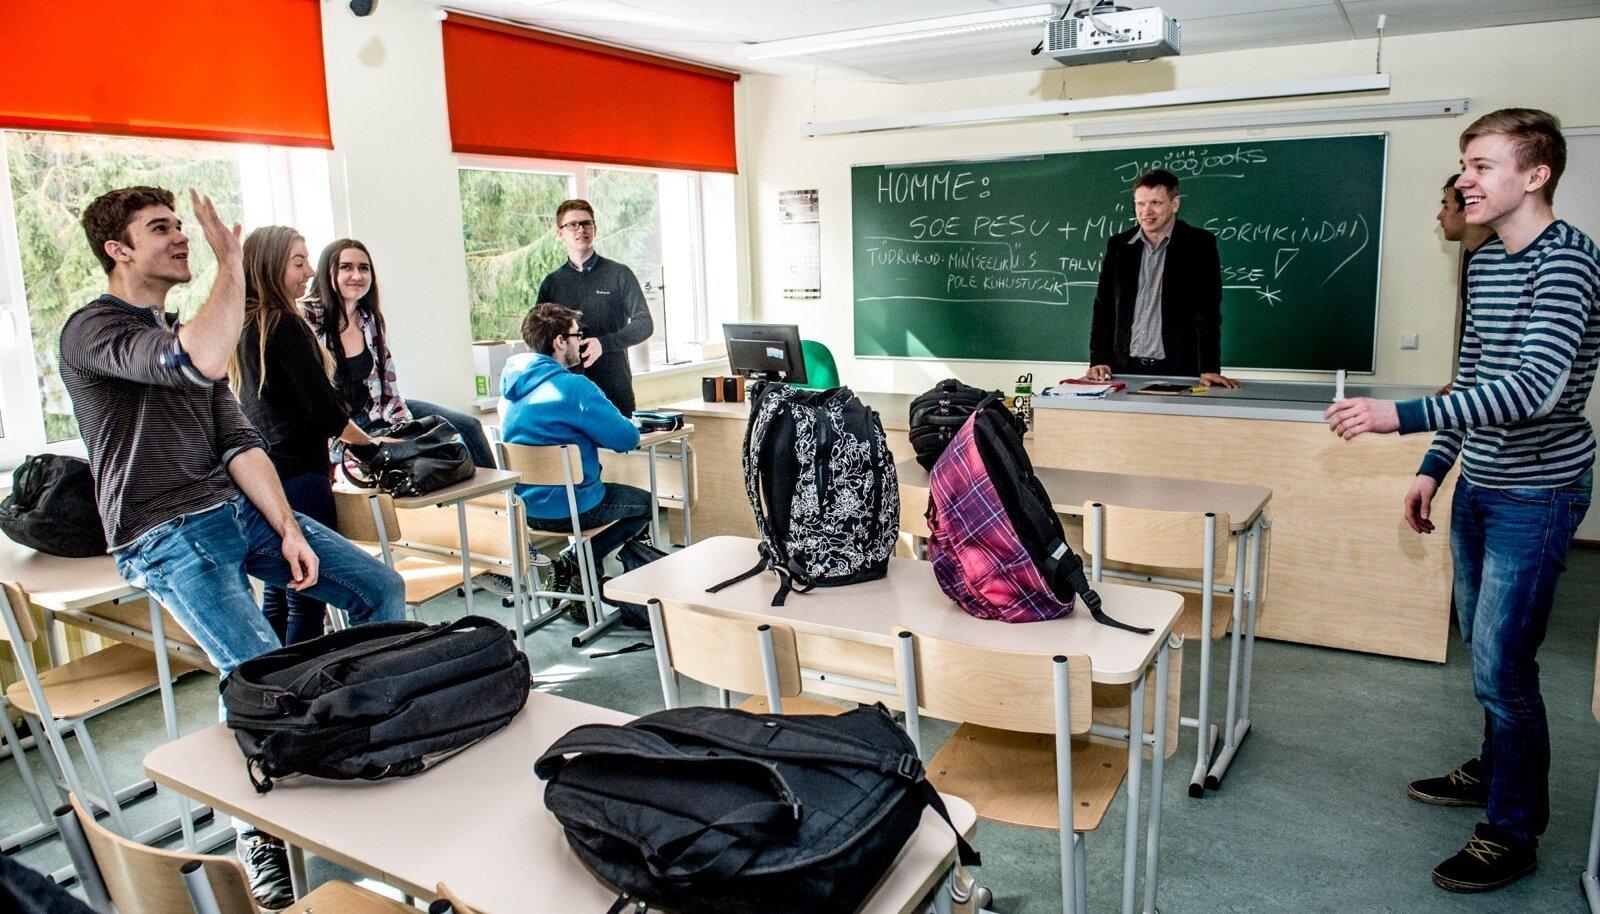 Loo keskkool on viimastel aastatel eksamite pingereas tublisti tõusnud. Pilt 10. klassist on tehtud mõned hetked enne majandustunni algust õpetaja Gunnar Richteri pilgu all.